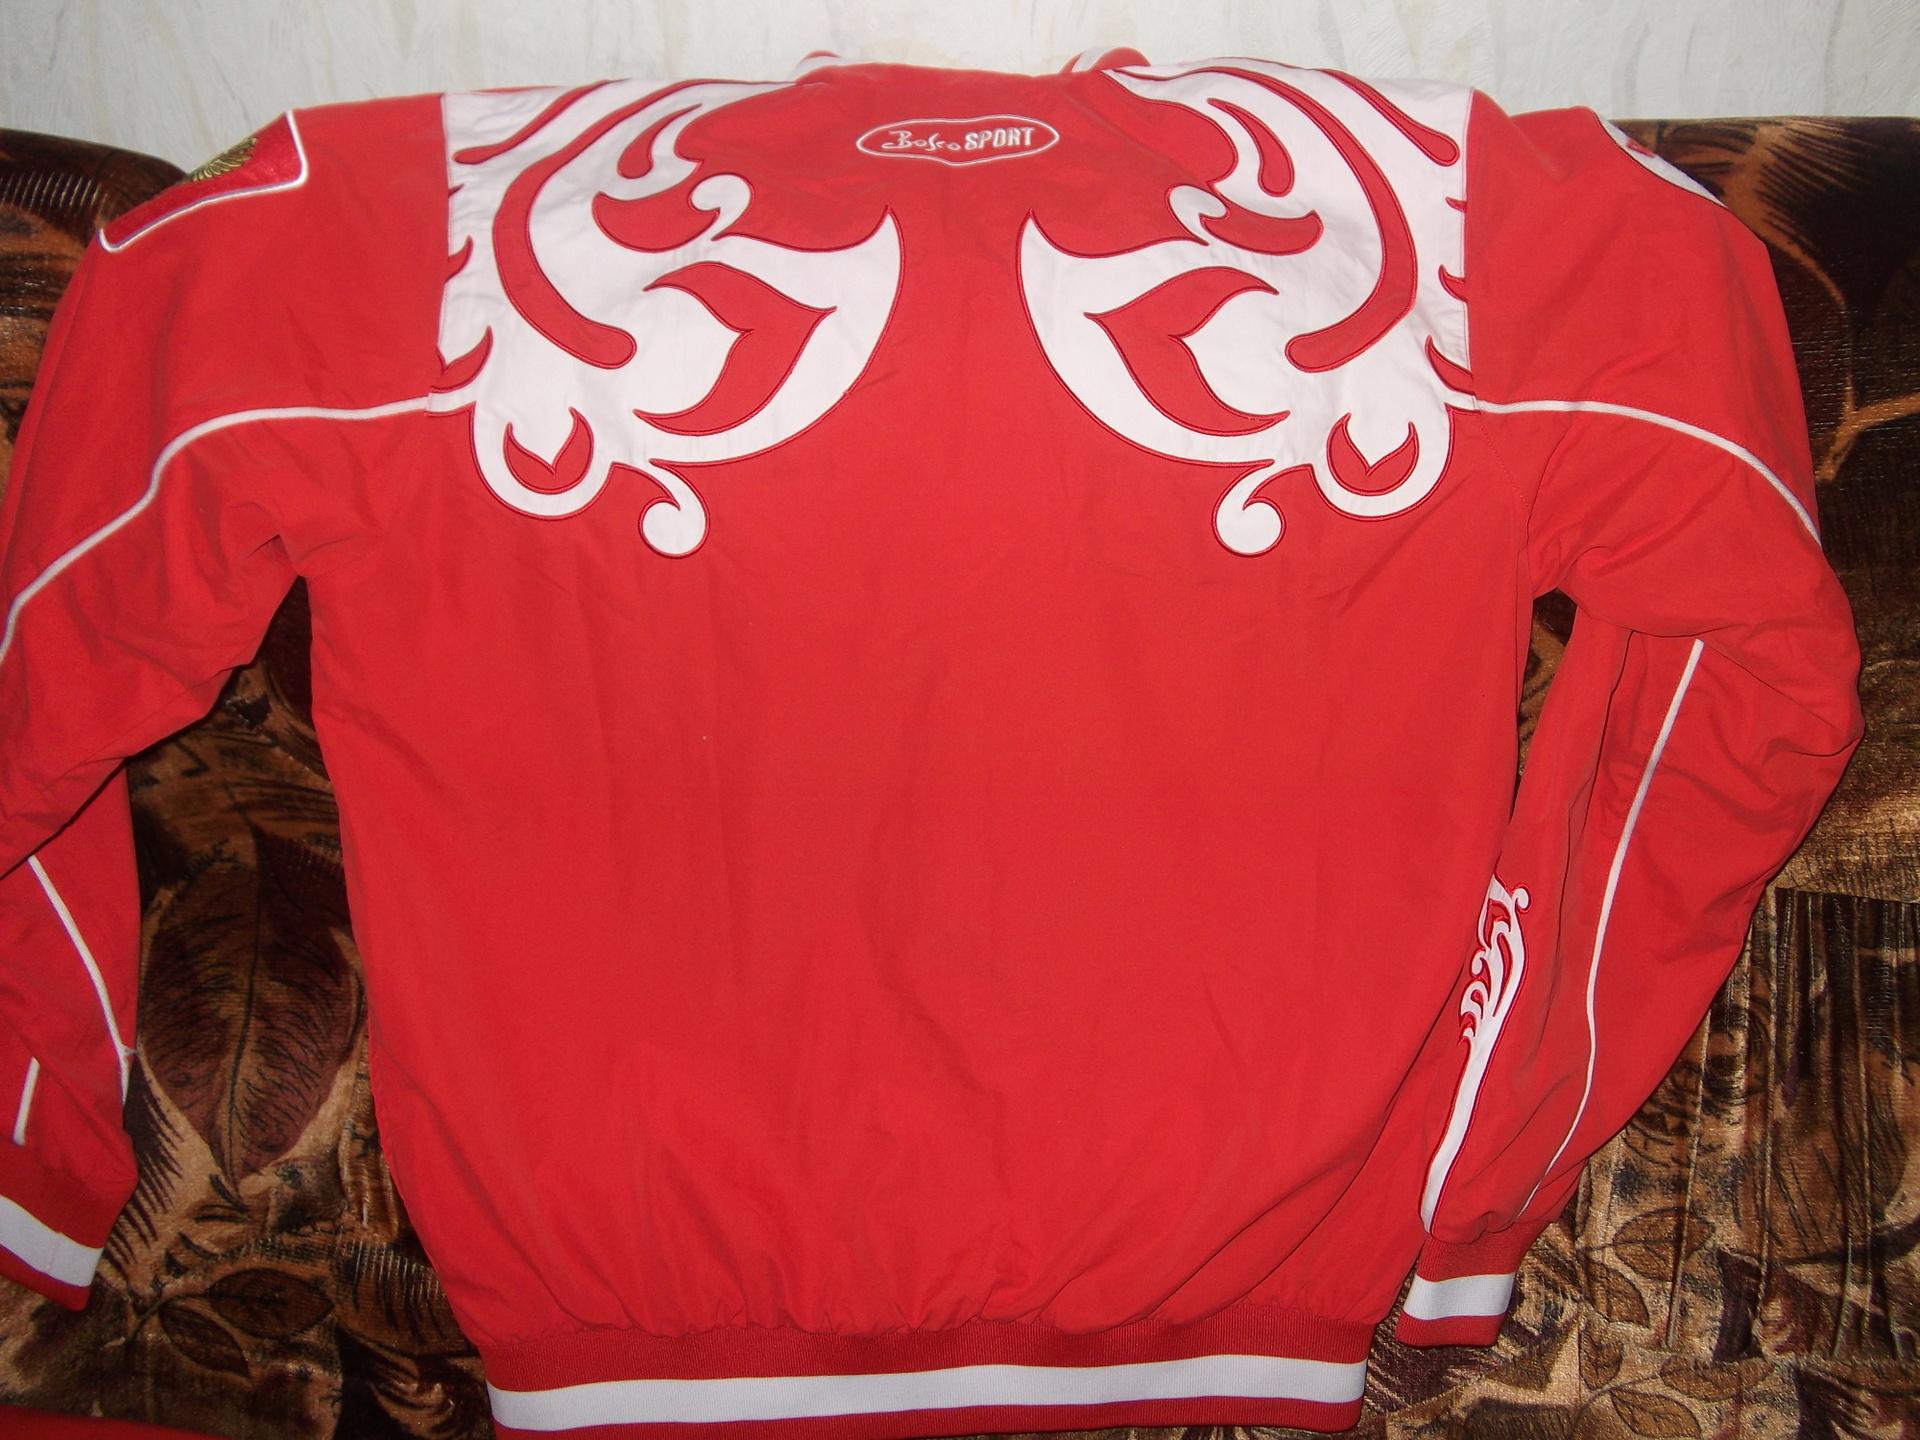 Купить Одежду Боско Спорт